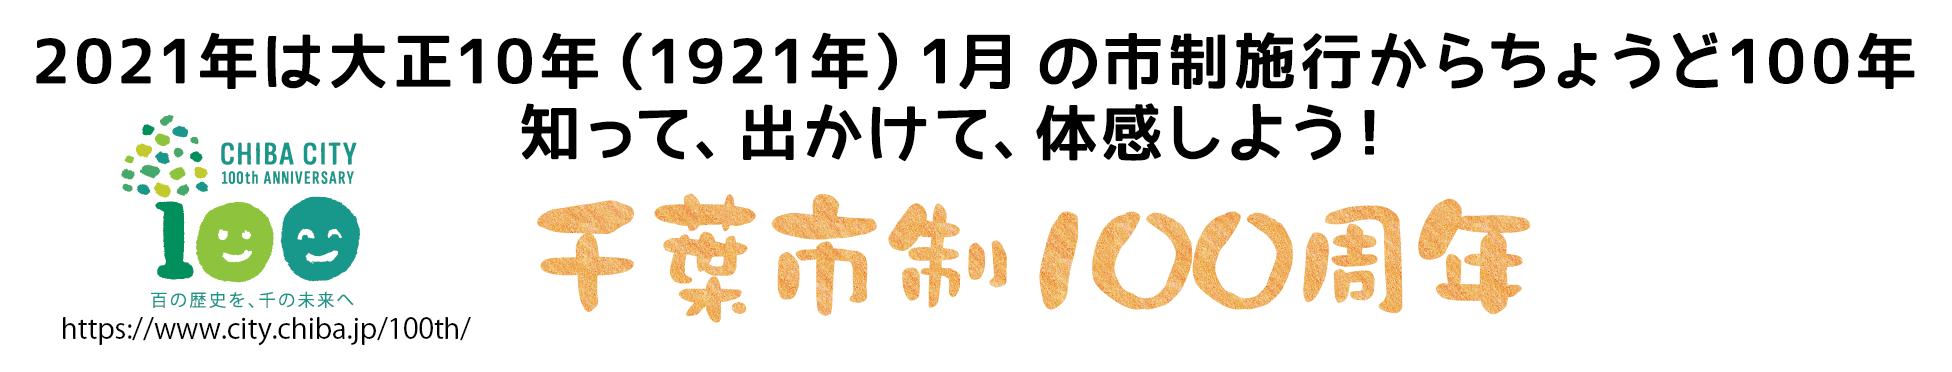 千葉市政100周年01